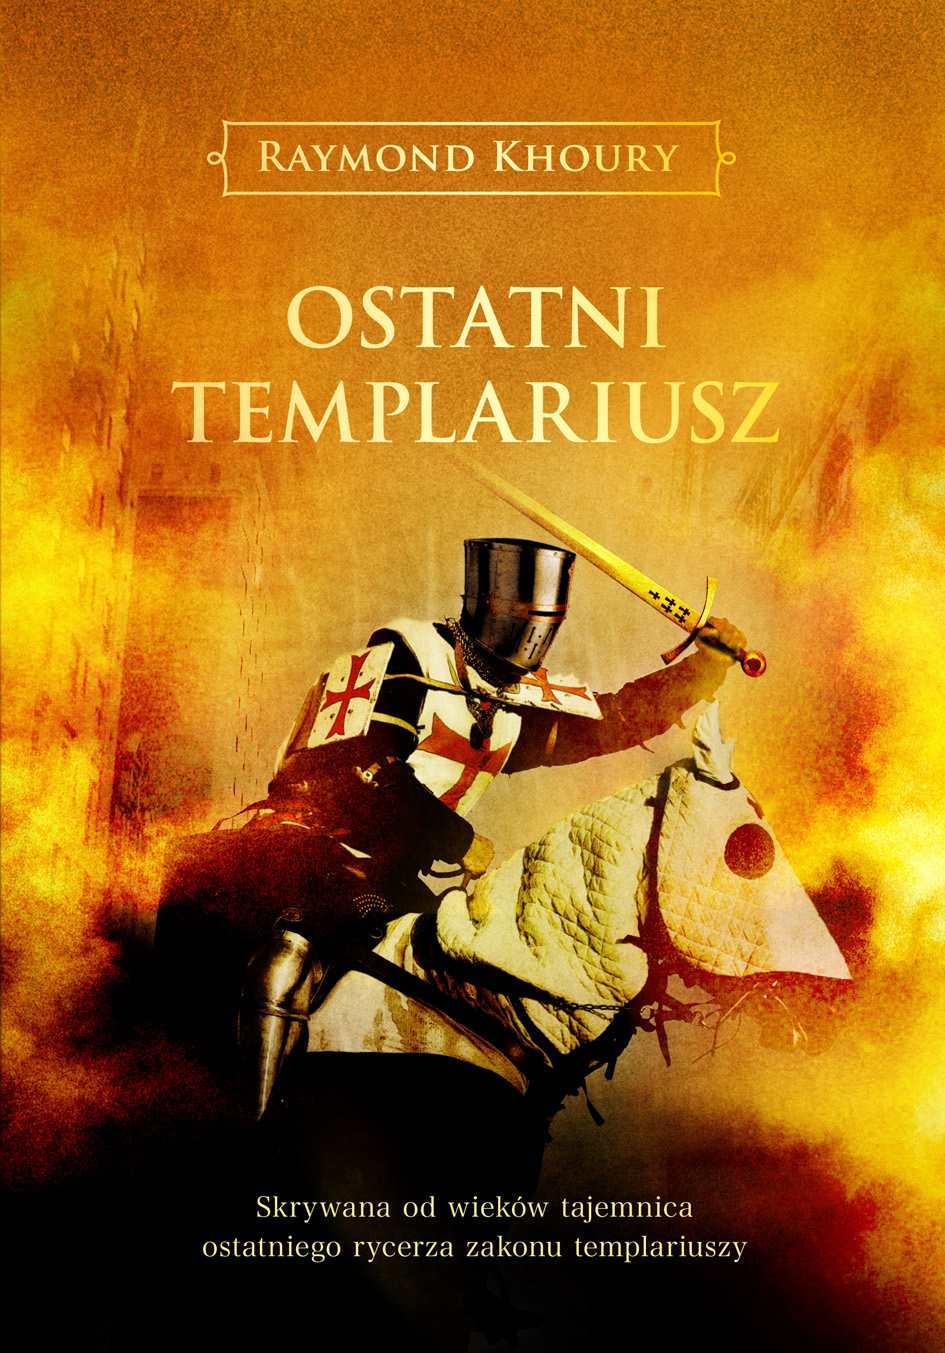 Ostatni templariusz - Ebook (Książka EPUB) do pobrania w formacie EPUB